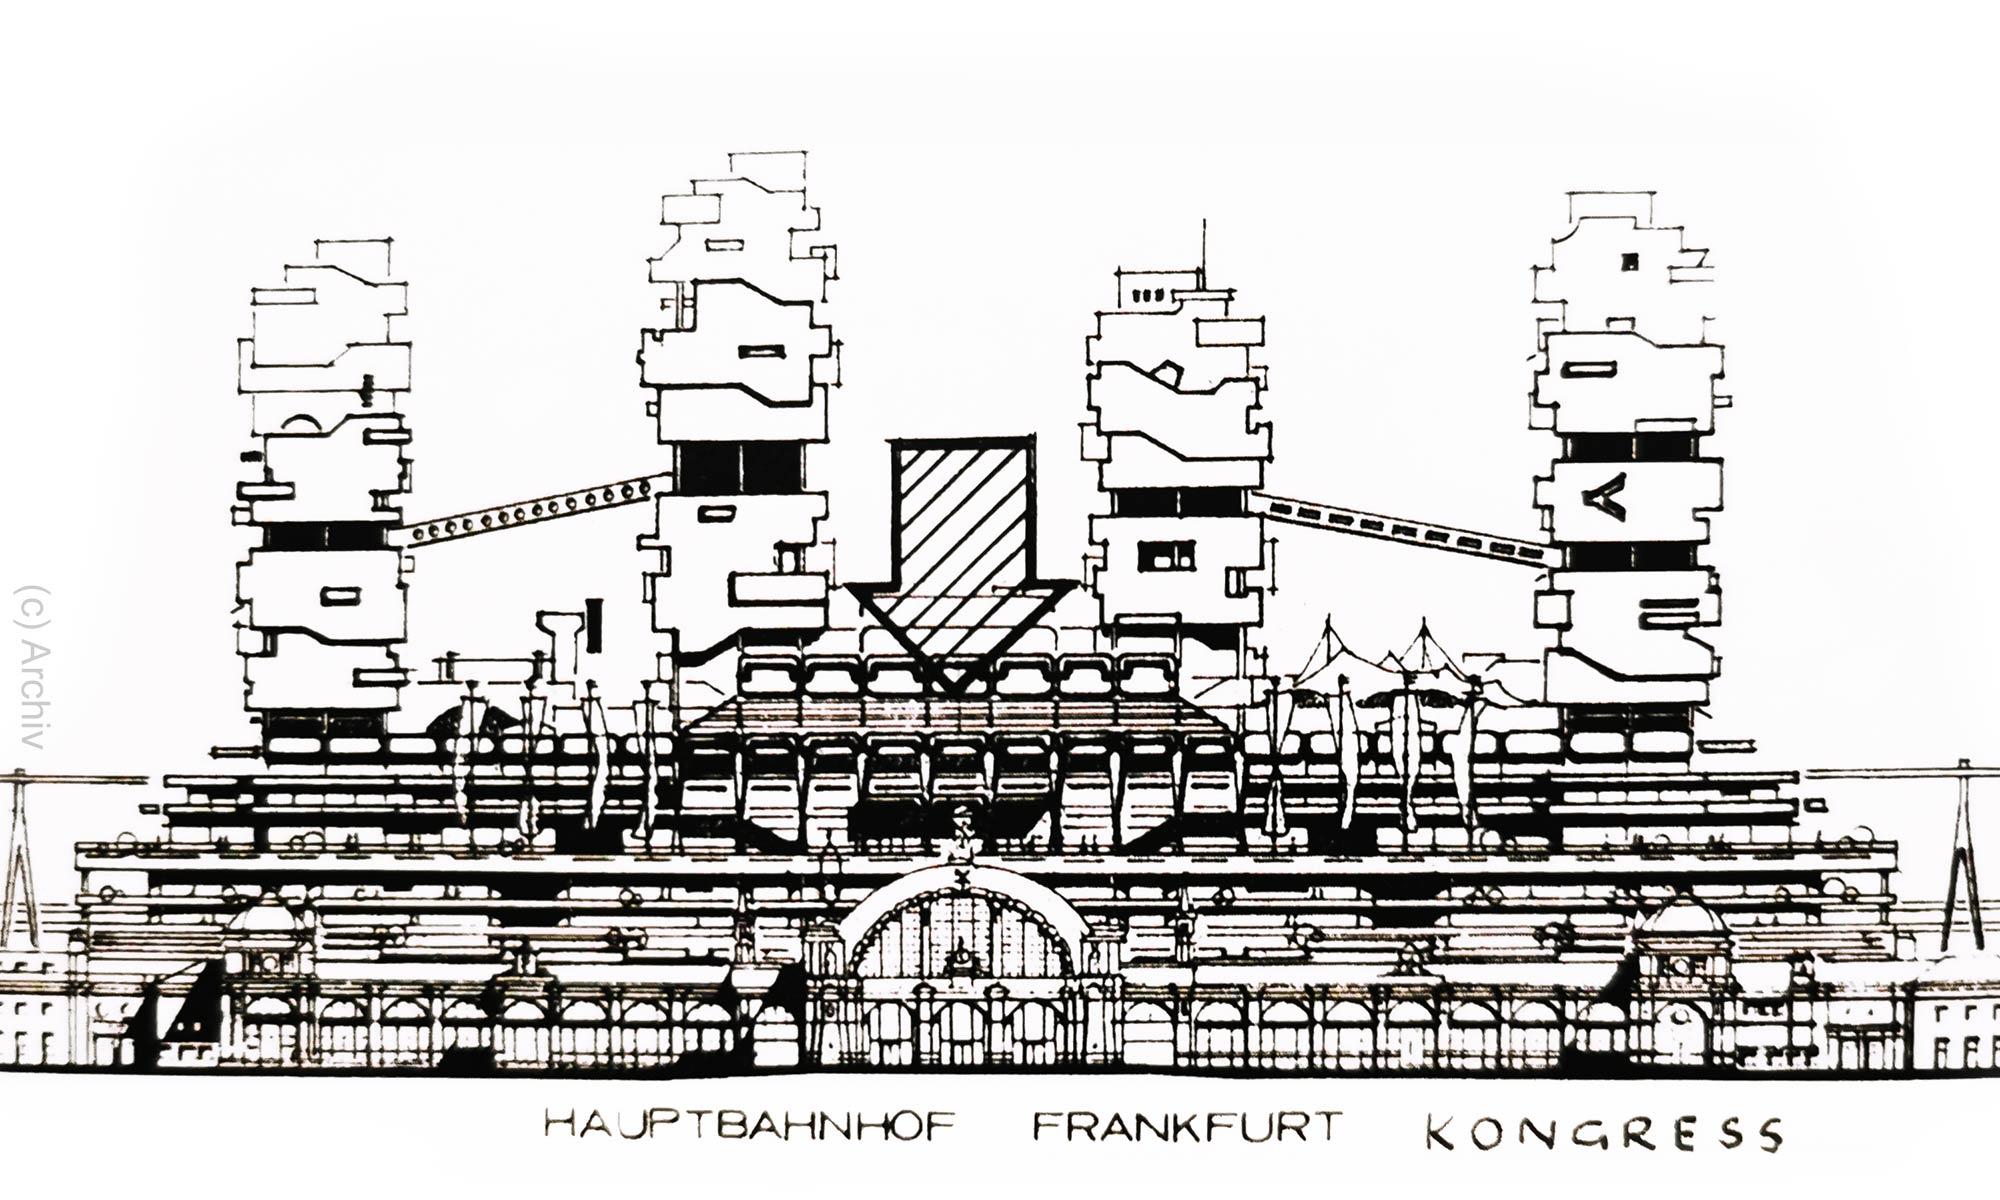 Hauptbahnhof Frankfurt 1970 - Studie Kongress Center - Kongresszentrum - Überbauung mit Hochhäusern